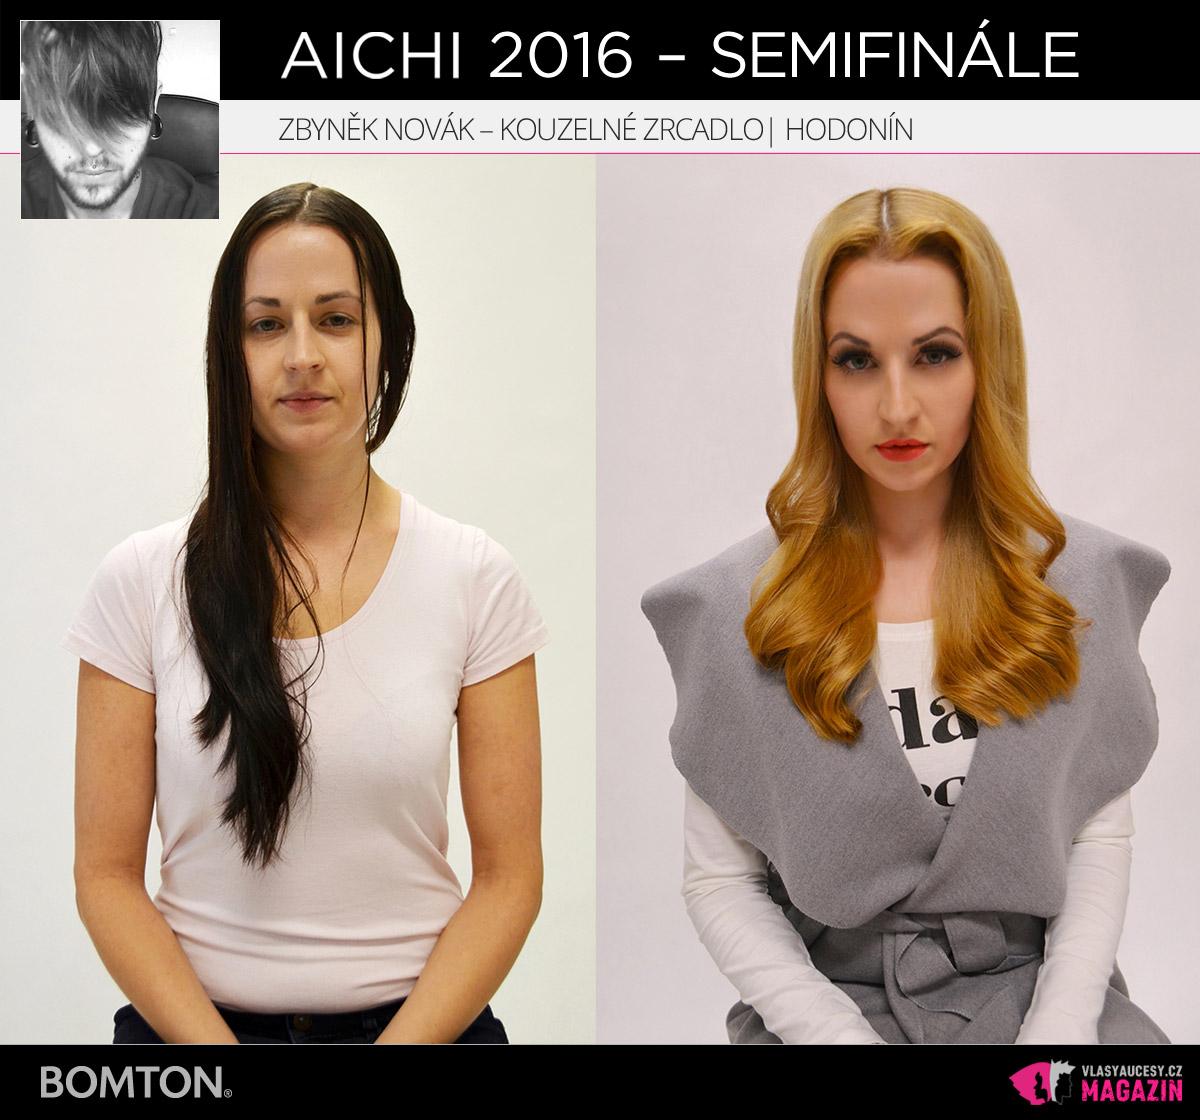 Nominační proměna AICHI 2016: Zbyněk Novák, kadeřnictví Kouzelné zrcadlo, Hodonín